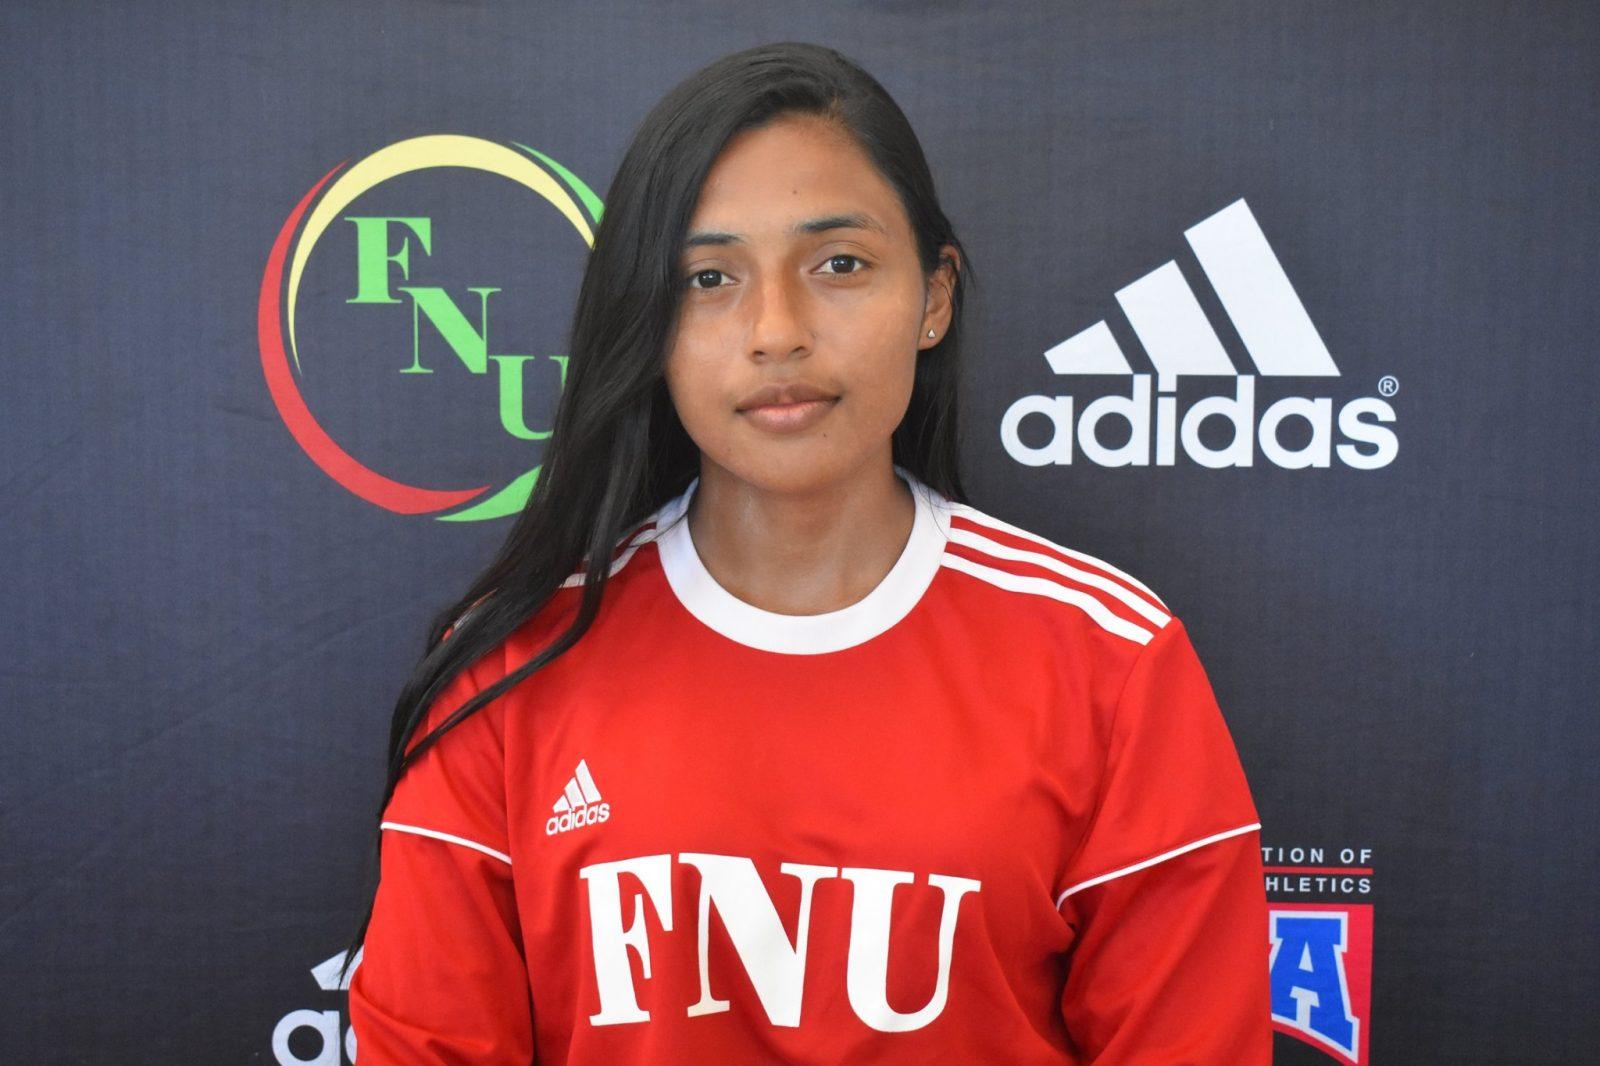 FNU Women's soccer player Juliana Romero